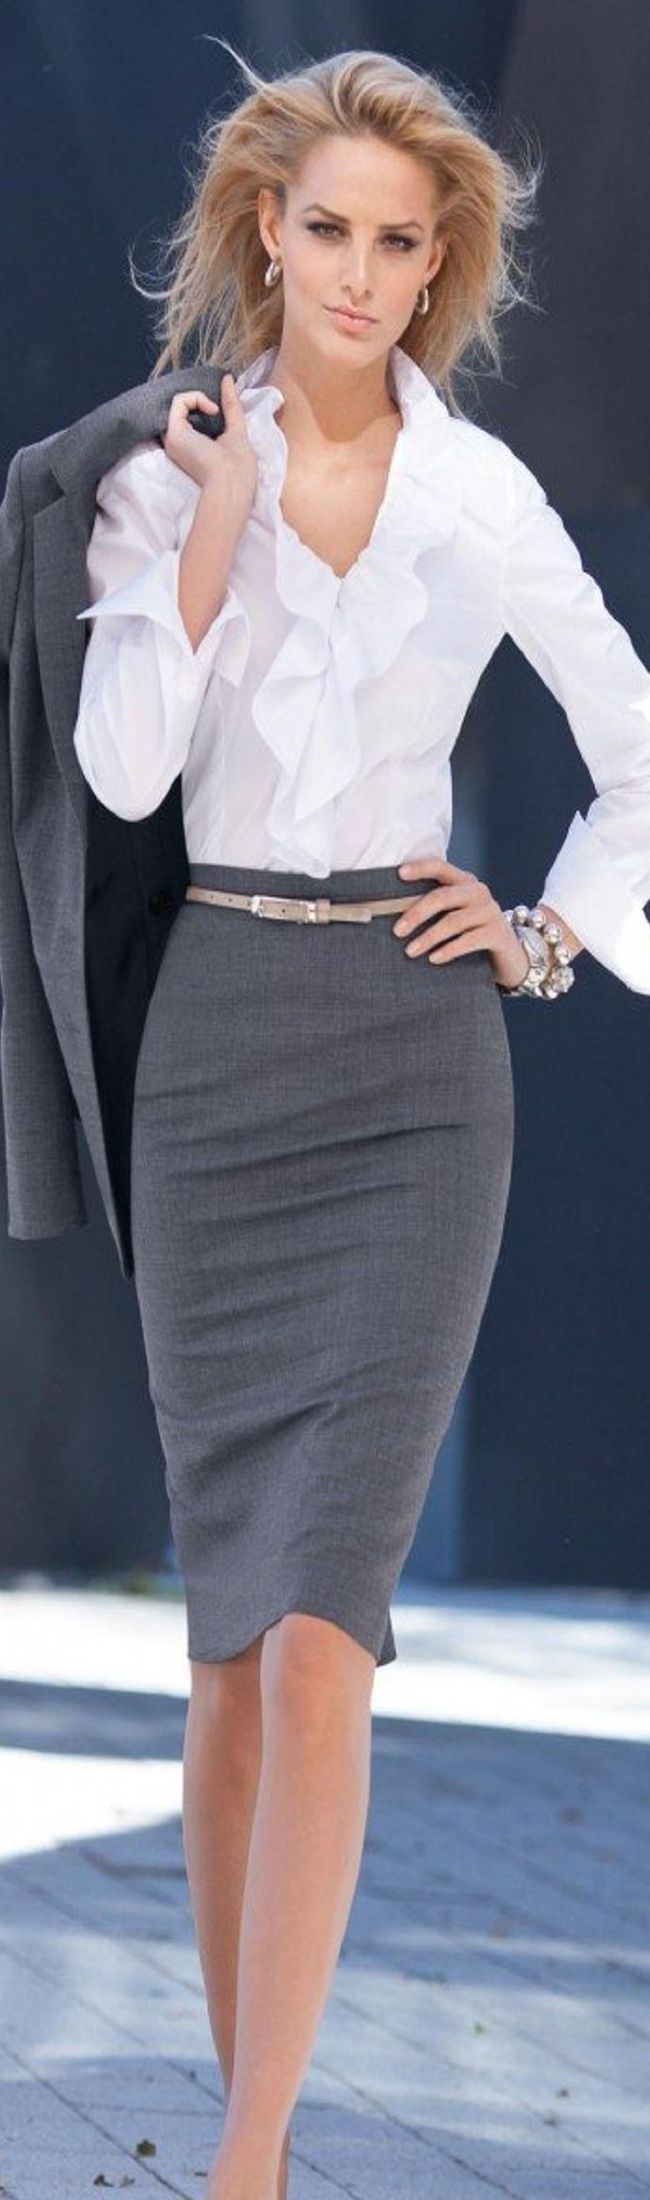 25 best business suit women ideas on pinterest pant